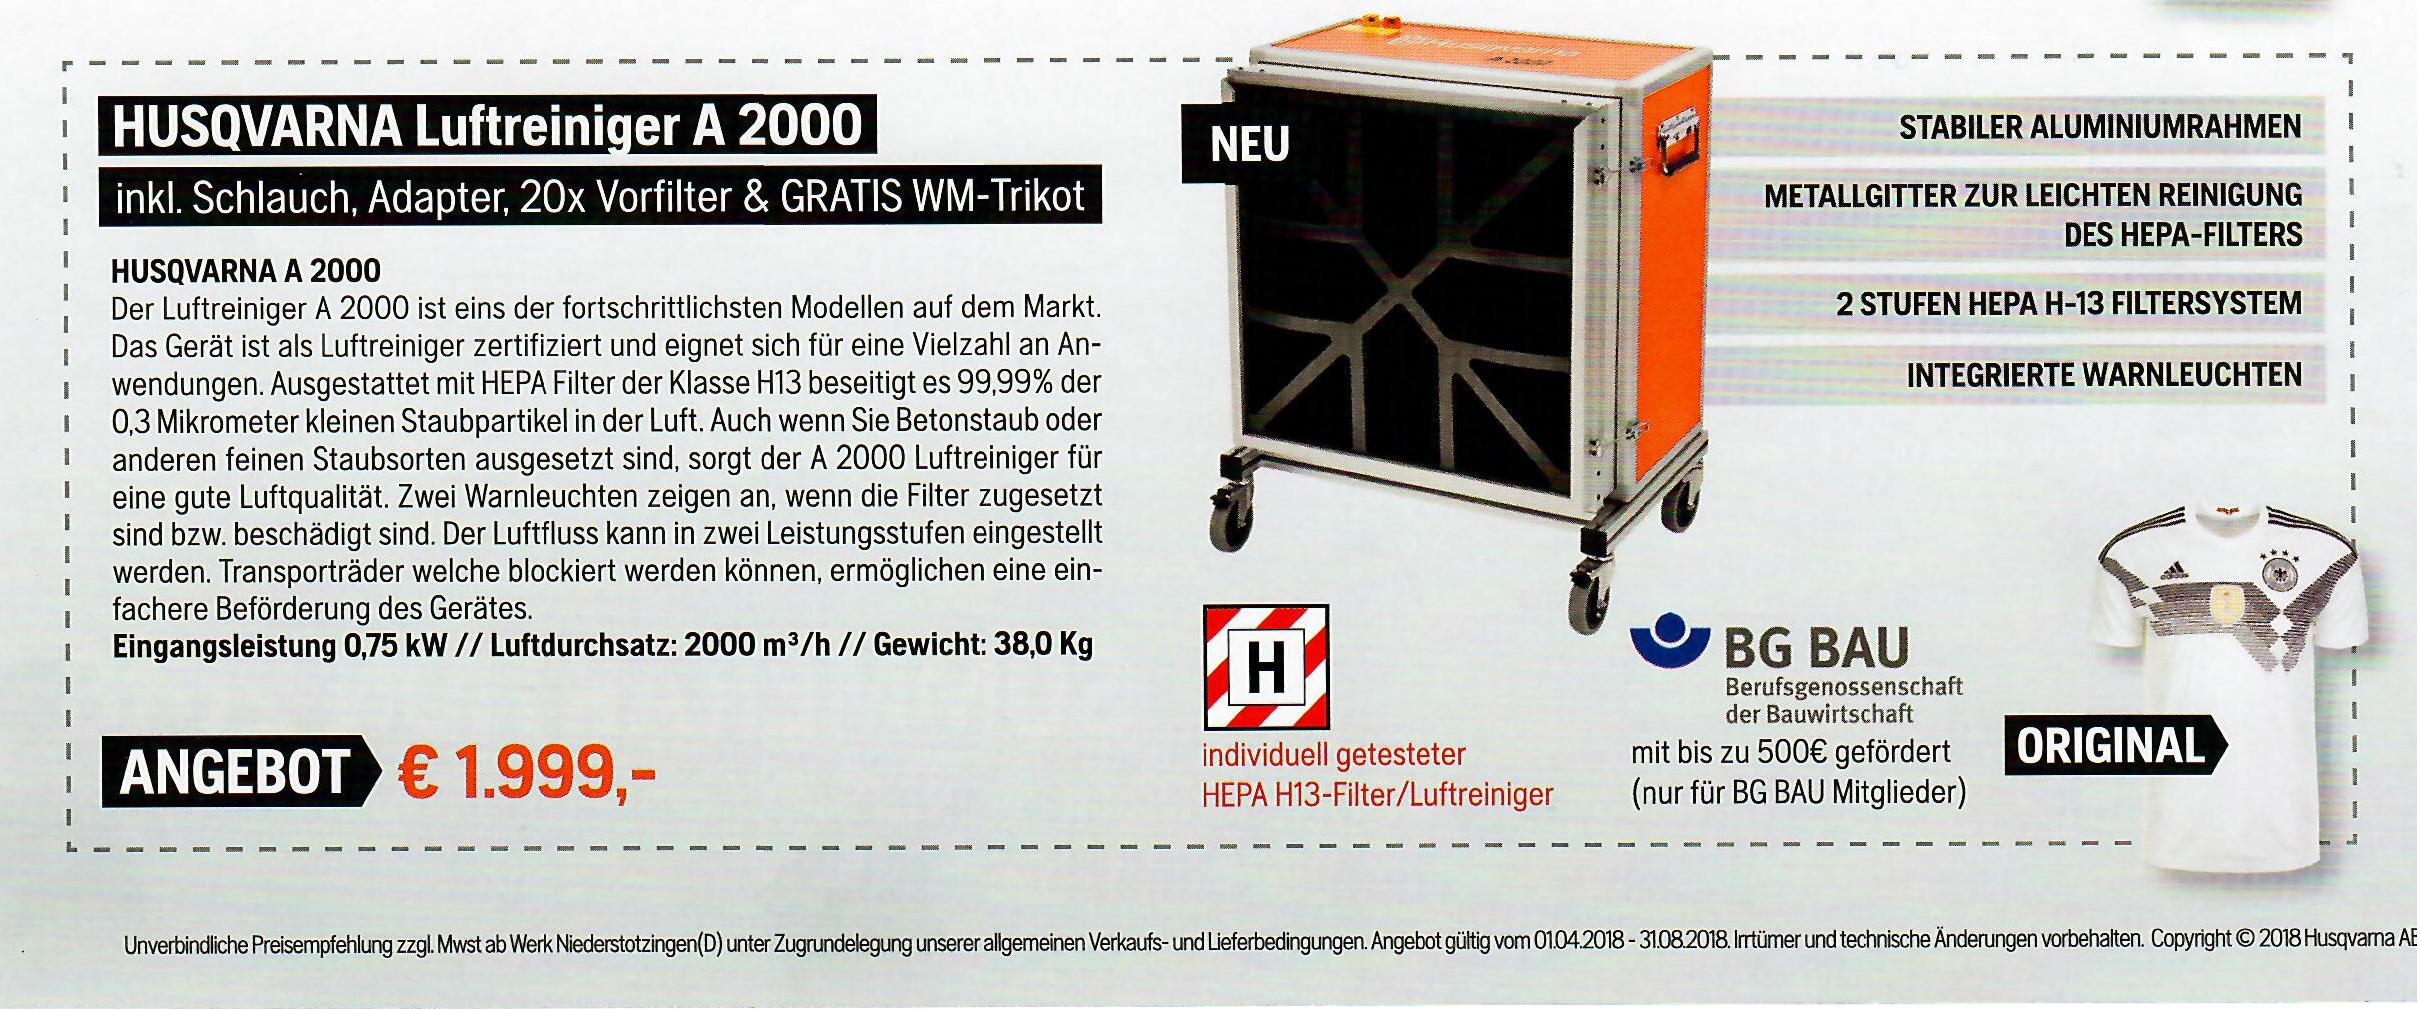 Luftreiniger-a-2000